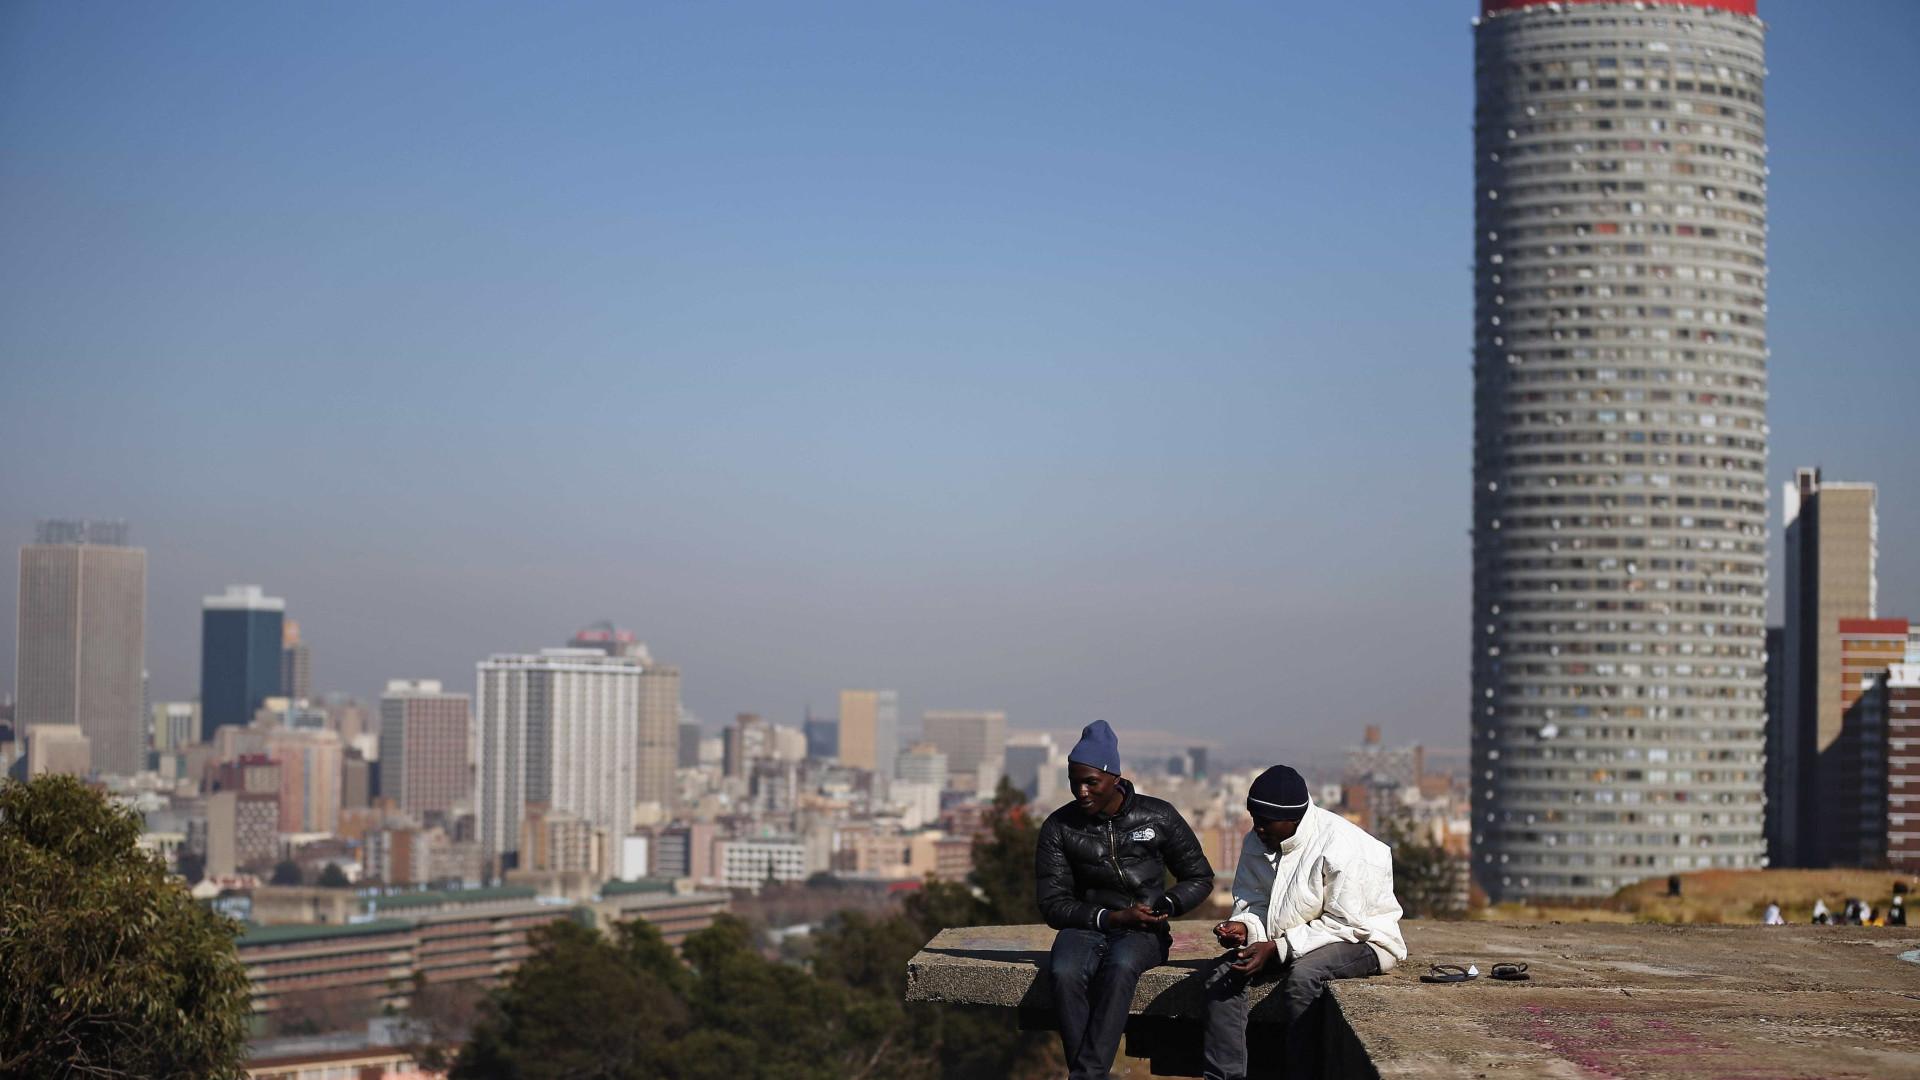 Gangue armado sequestra homem em pleno dia em Joanesburgo